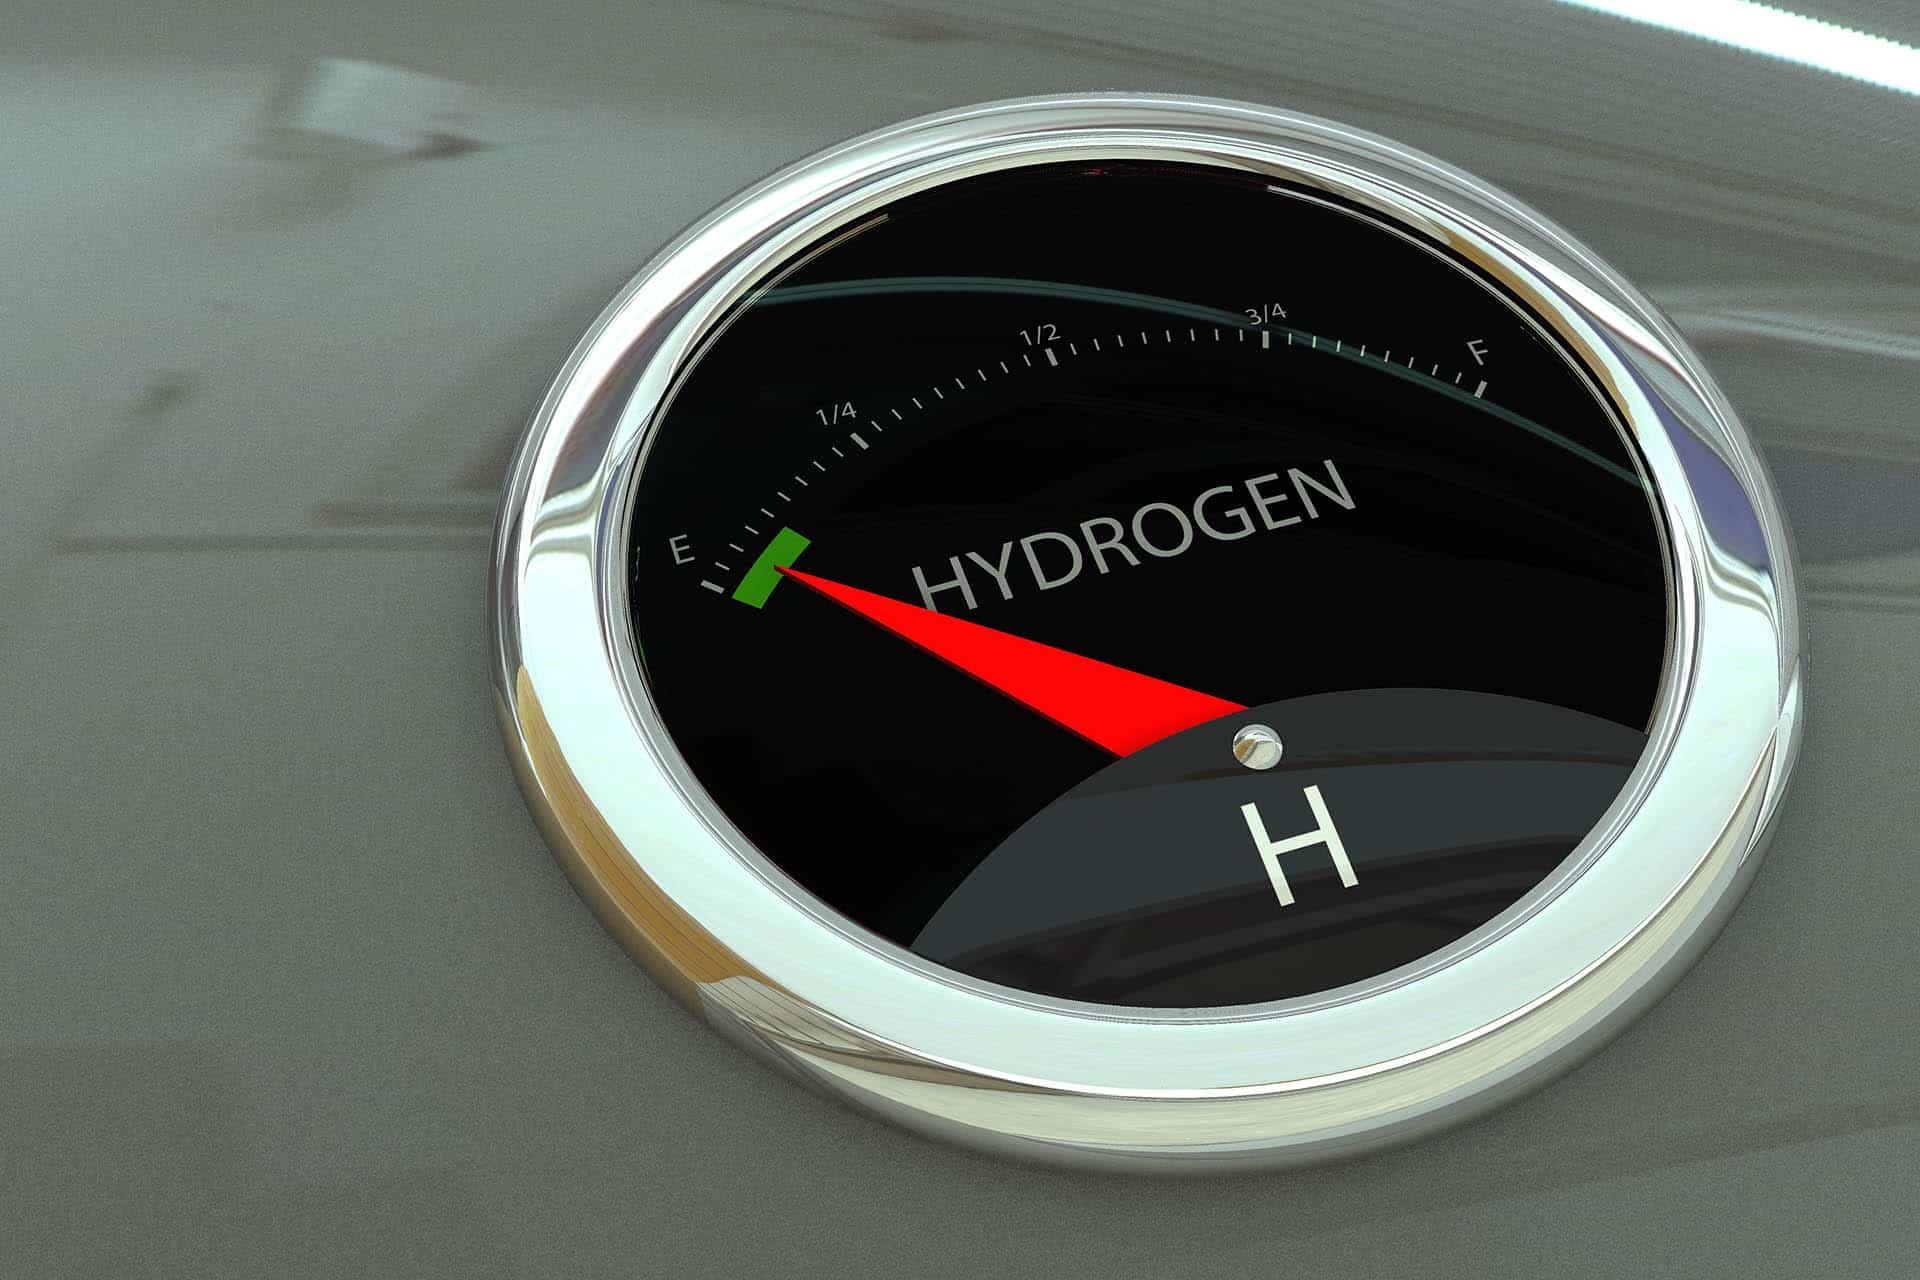 Power to Gas - Energiequelle Wasserstoff